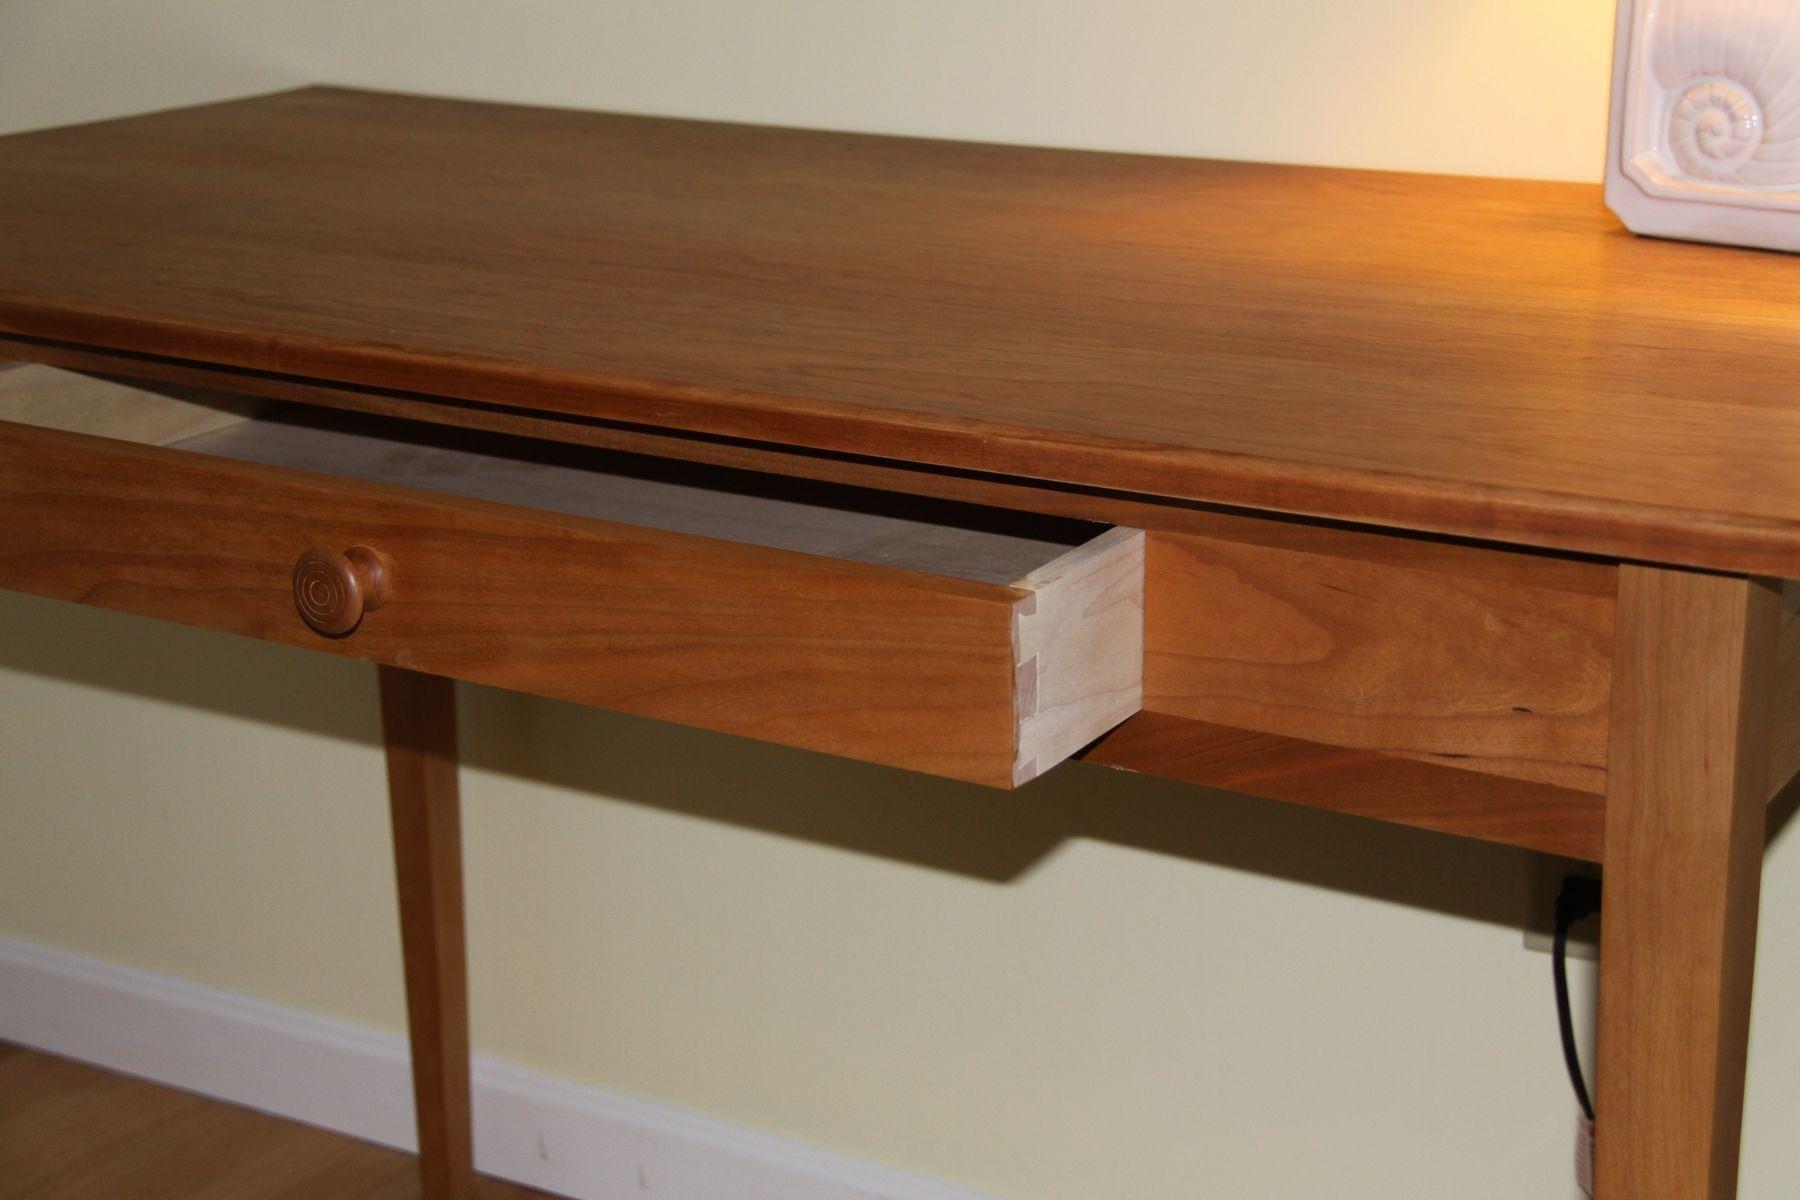 Custom made simple shaker desk